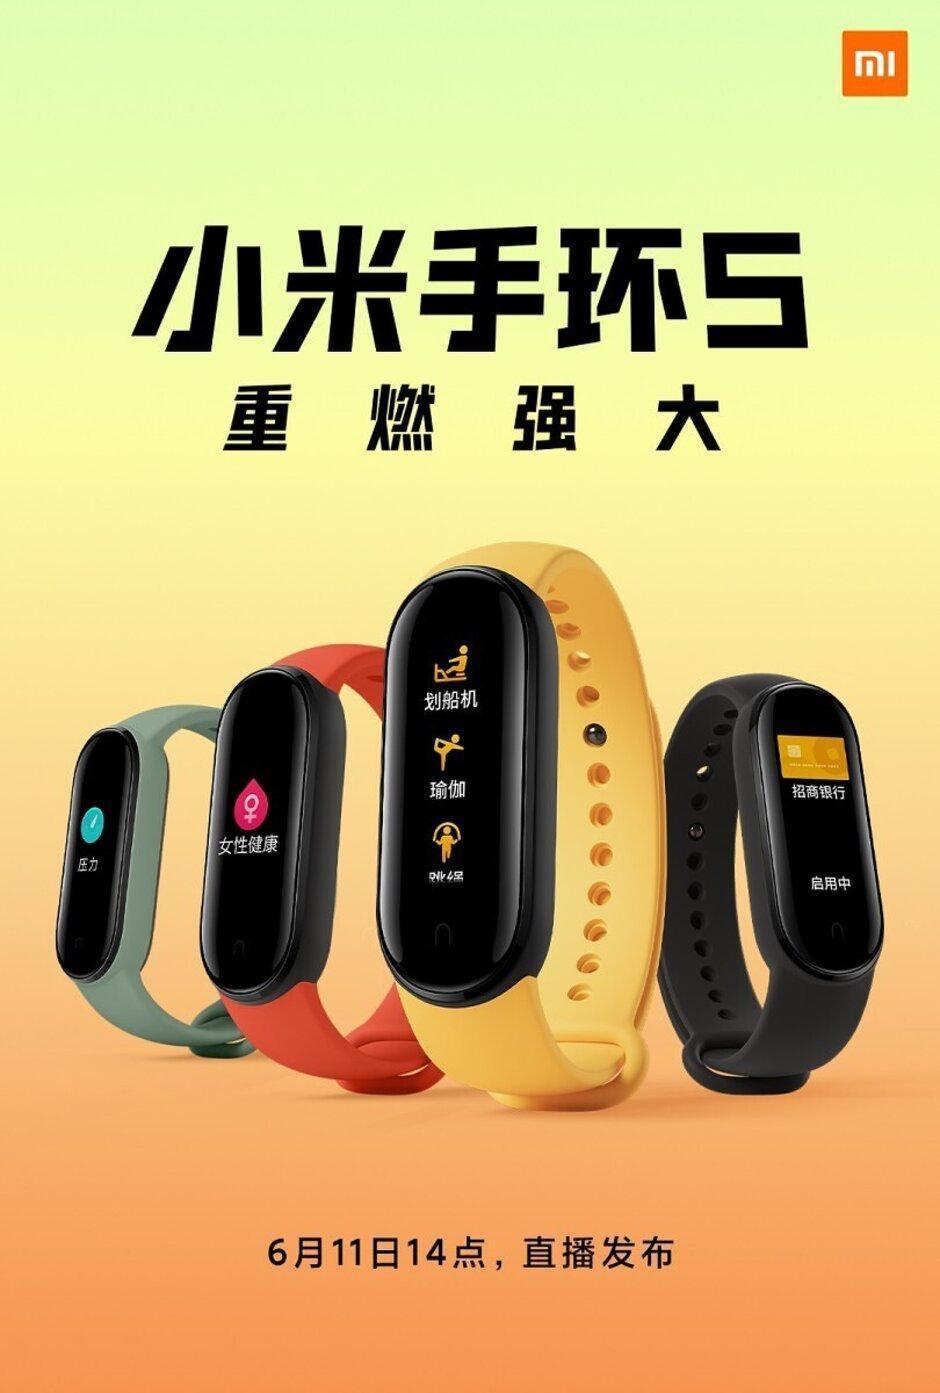 Xiaomi подтвердила увеличенный дисплей для Mi Band 5 (miband5)